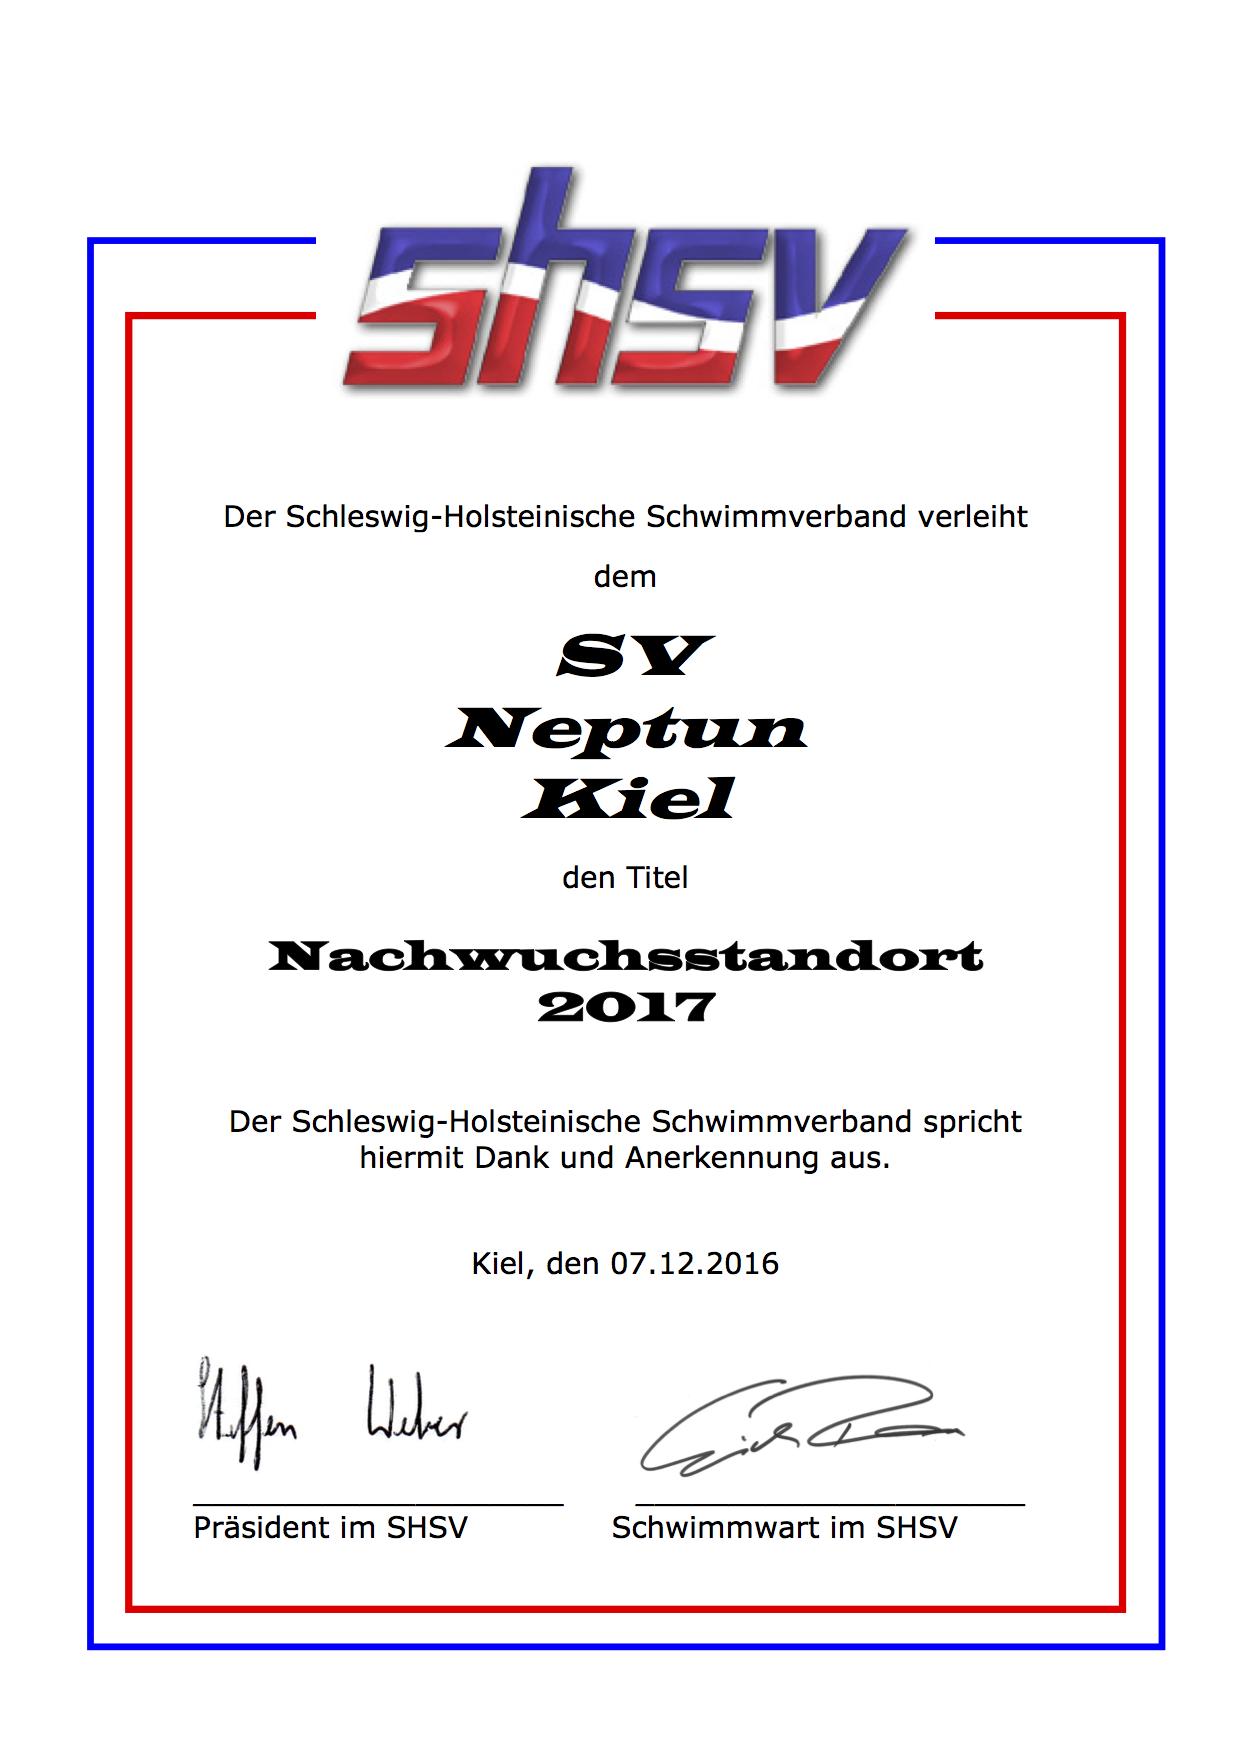 NWS 2017   SV Neptun Kiel